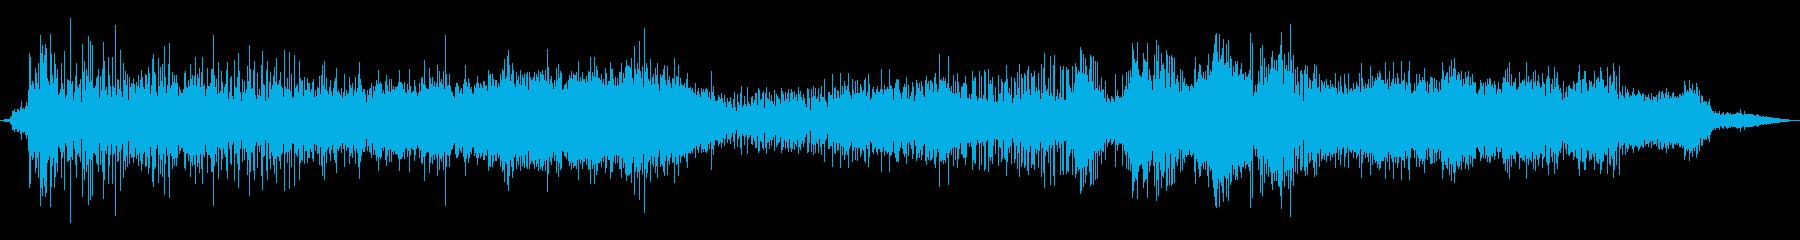 サイボーグまたはクリーチャーの突然...の再生済みの波形